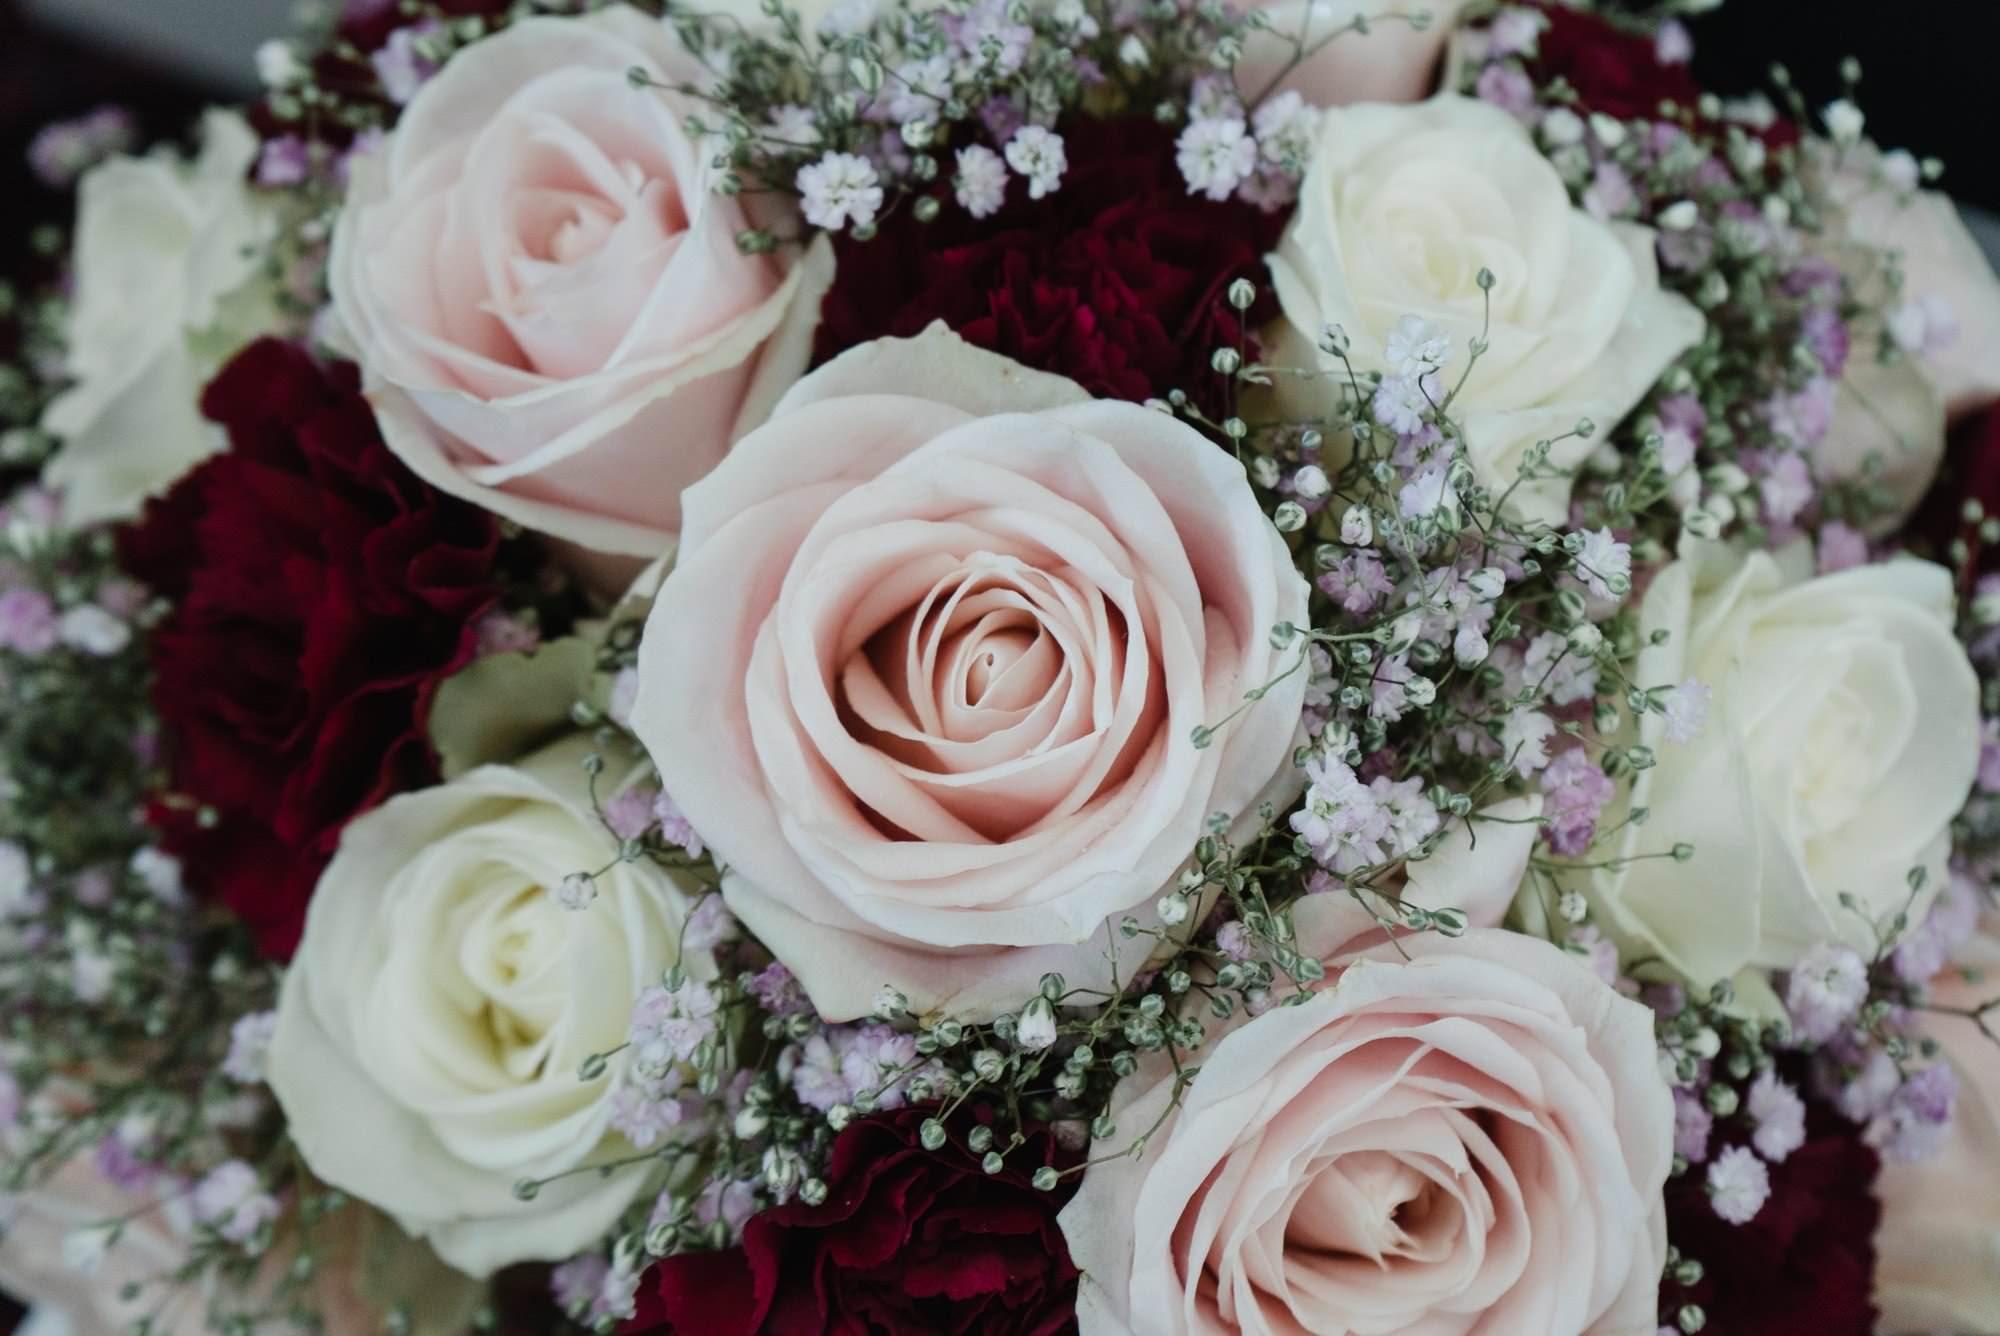 rachael stuart manchester onthe7th wedding 07329 - Sneak Peek – Stuart & Rachael | Manchester